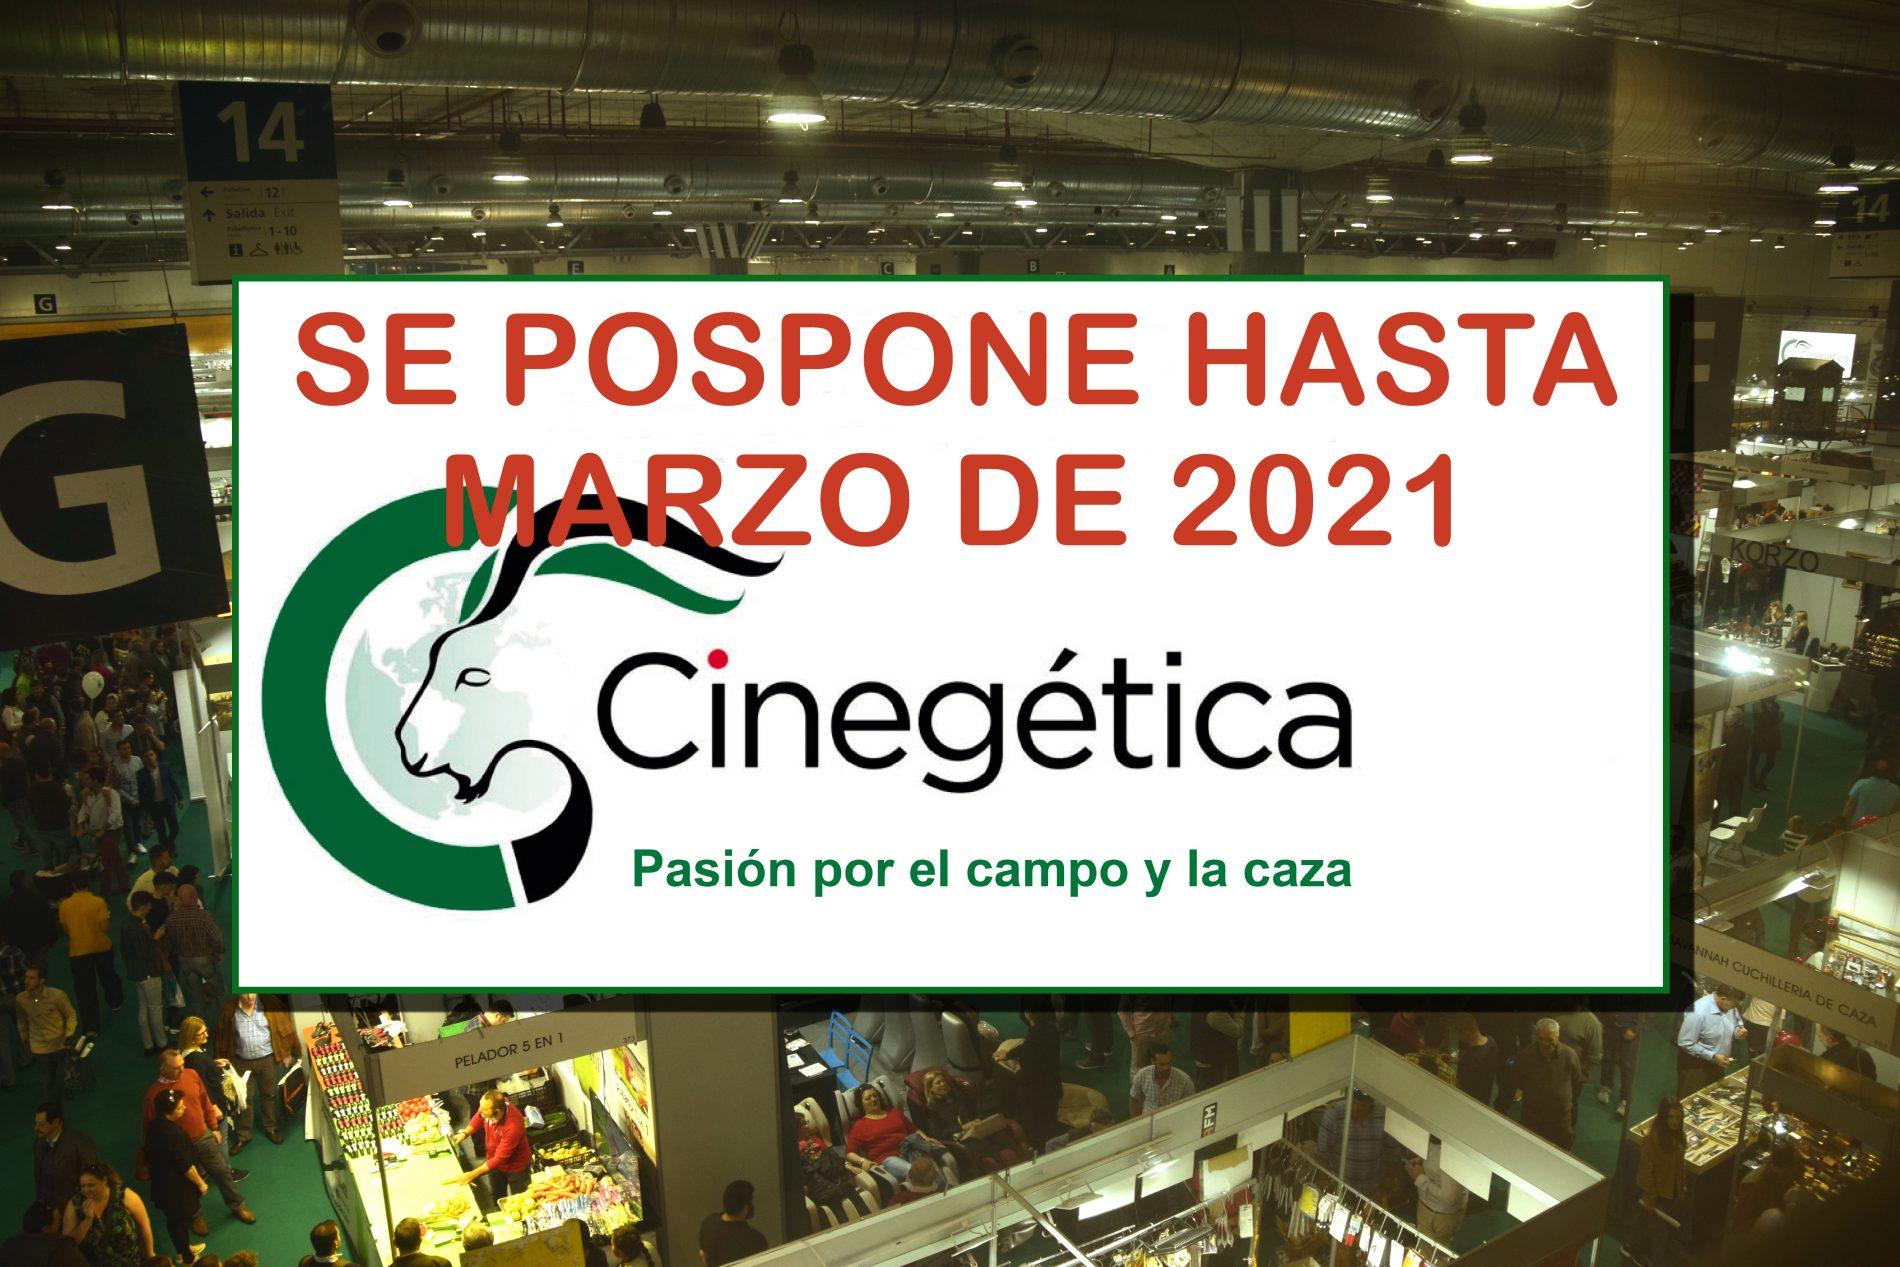 La VIII edición de Cinegética, tendrá lugar en marzo de 2021